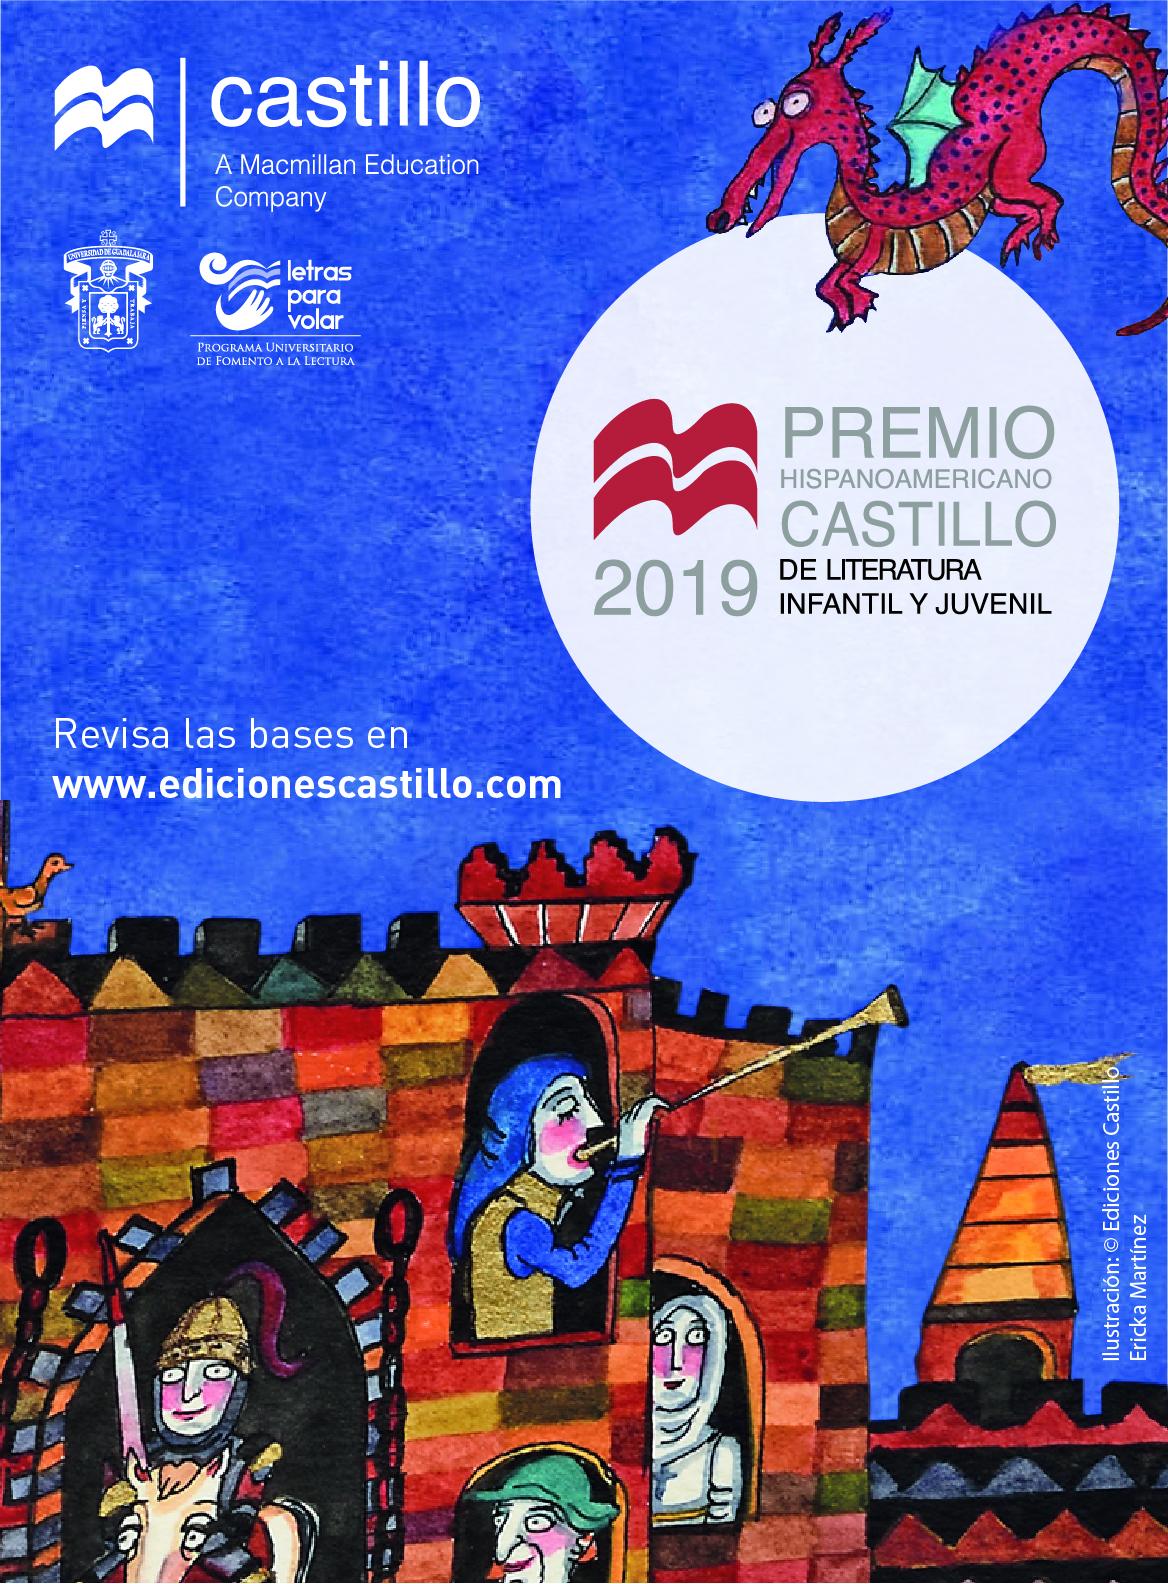 Premio Hispanoamericano Castillo de Literatura Infantil y Juvenil 2019. Categorías: Literatura infantil y Literatura juvenil